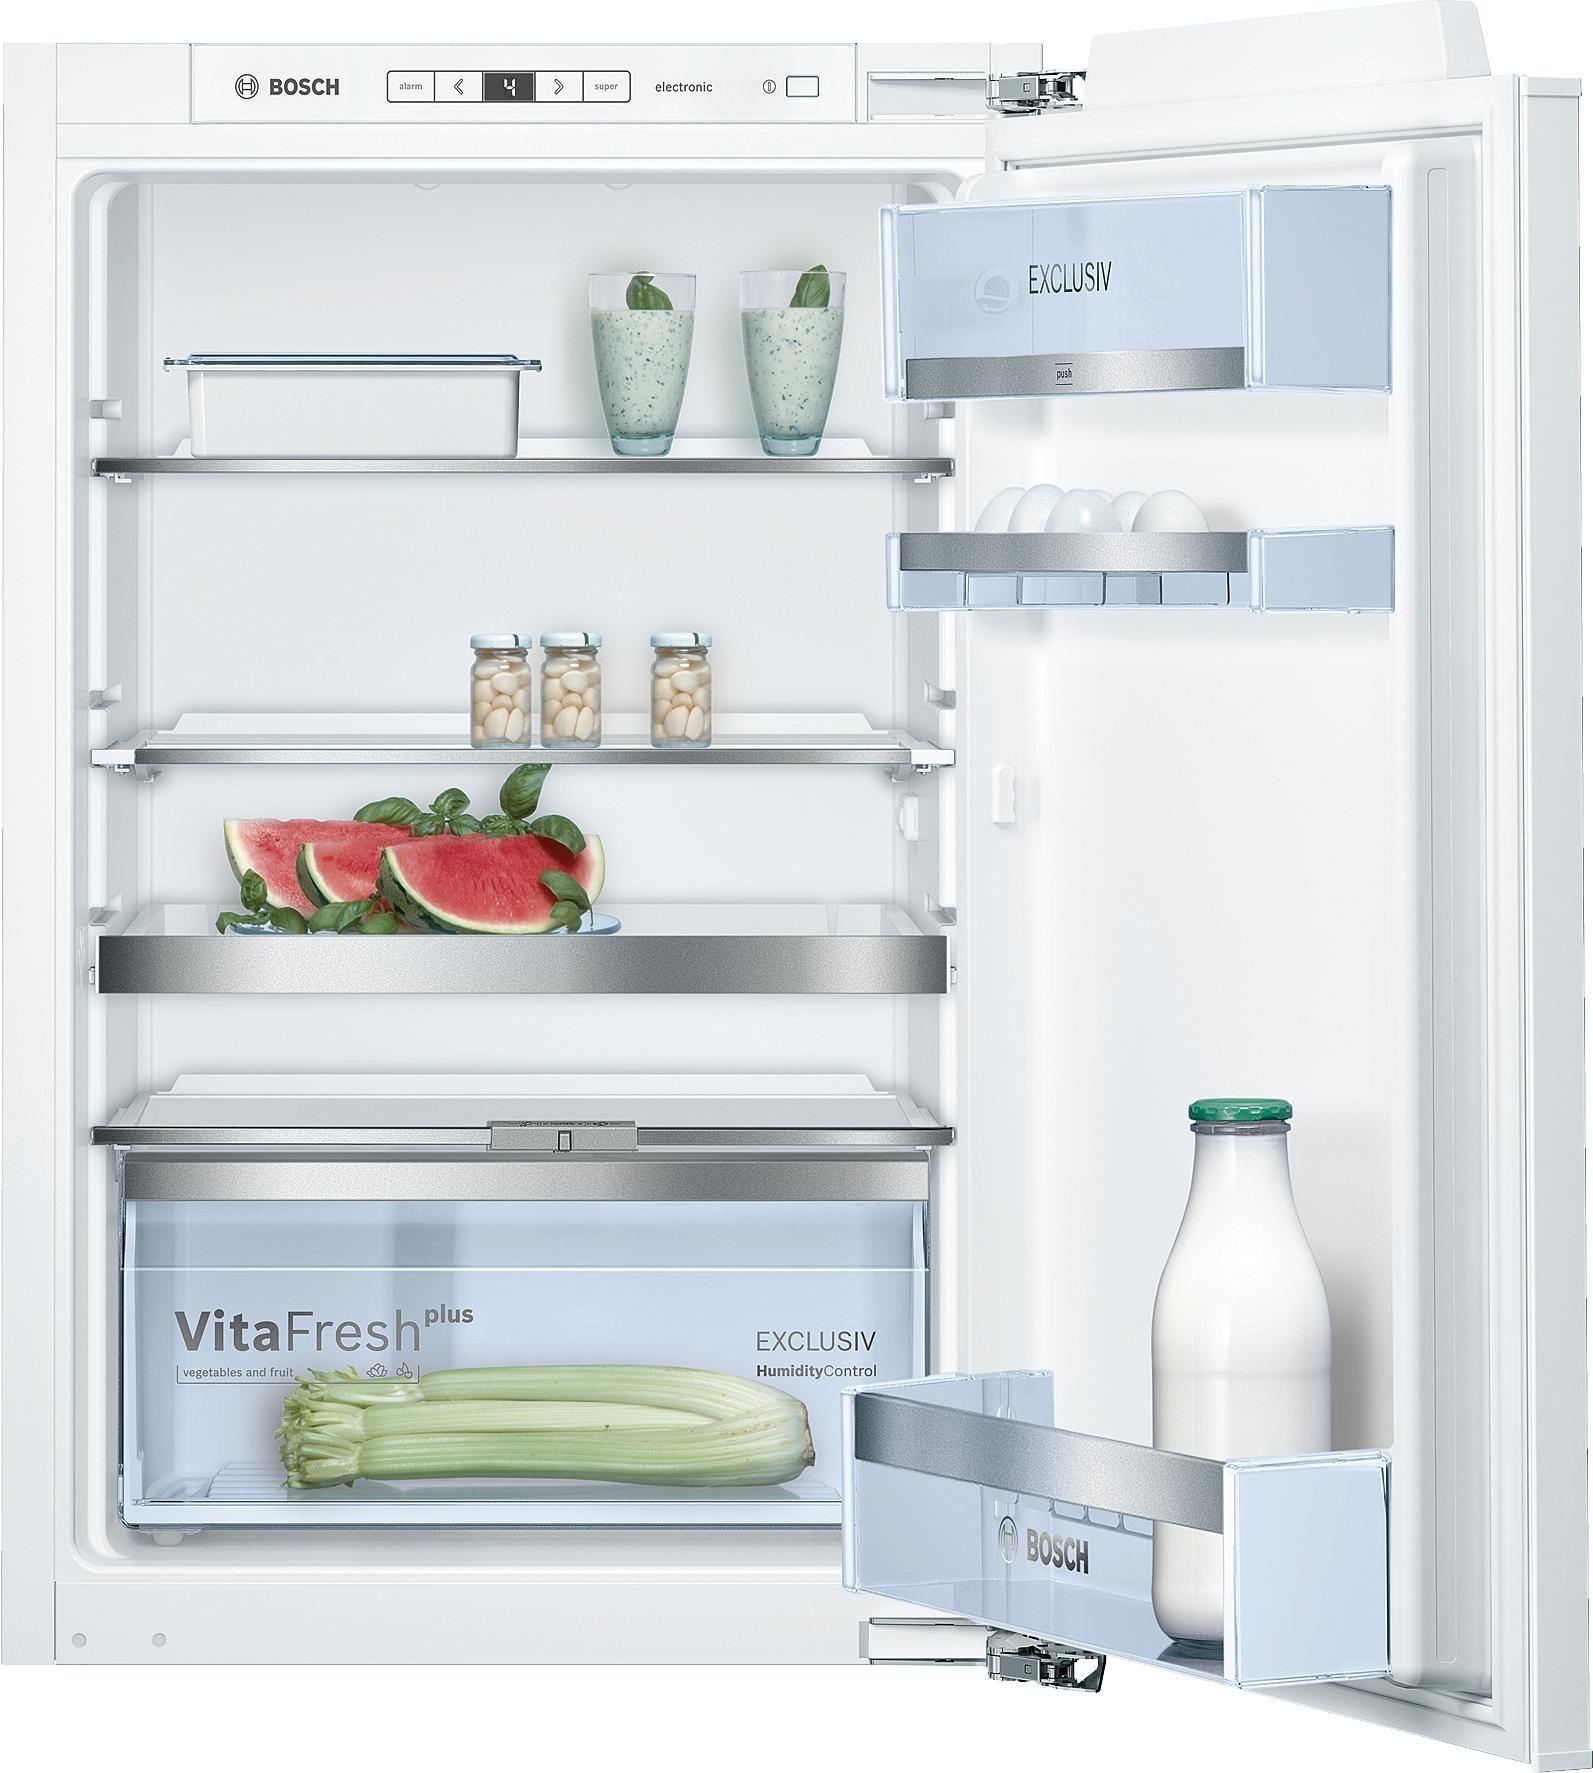 Bosch inbouw koelkast KIR21ED30